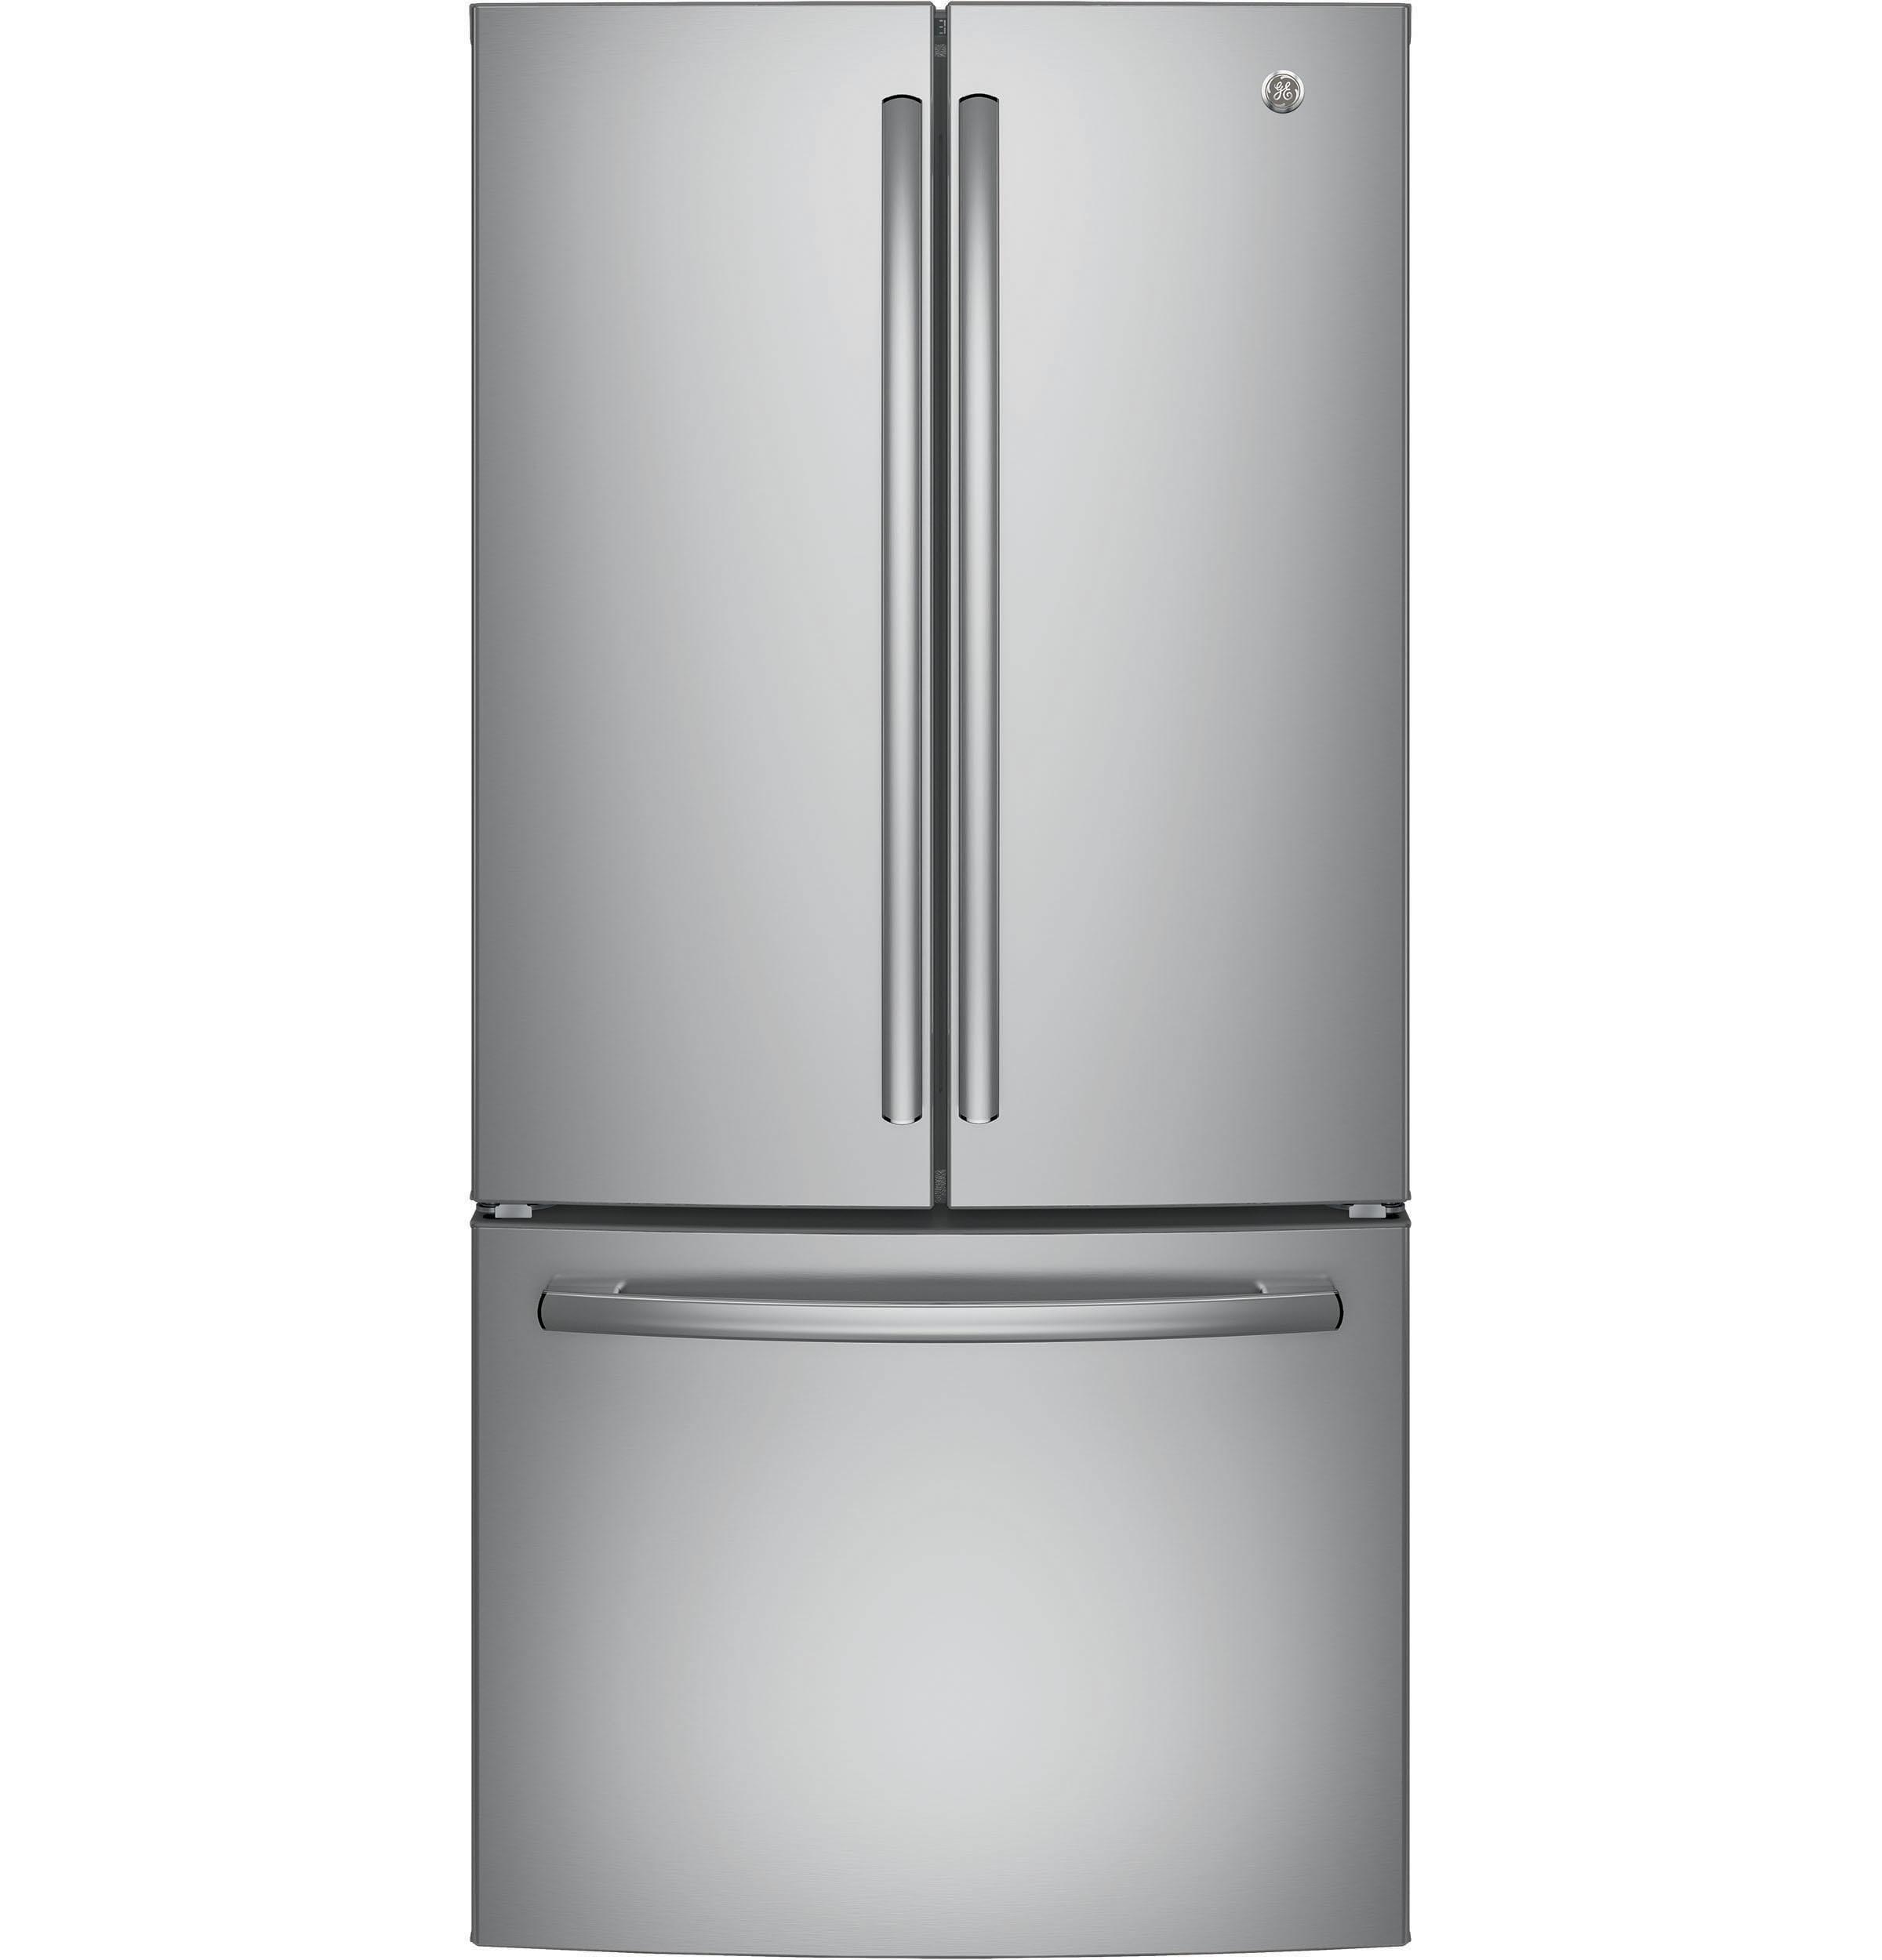 Best Refrigerator Under 2000